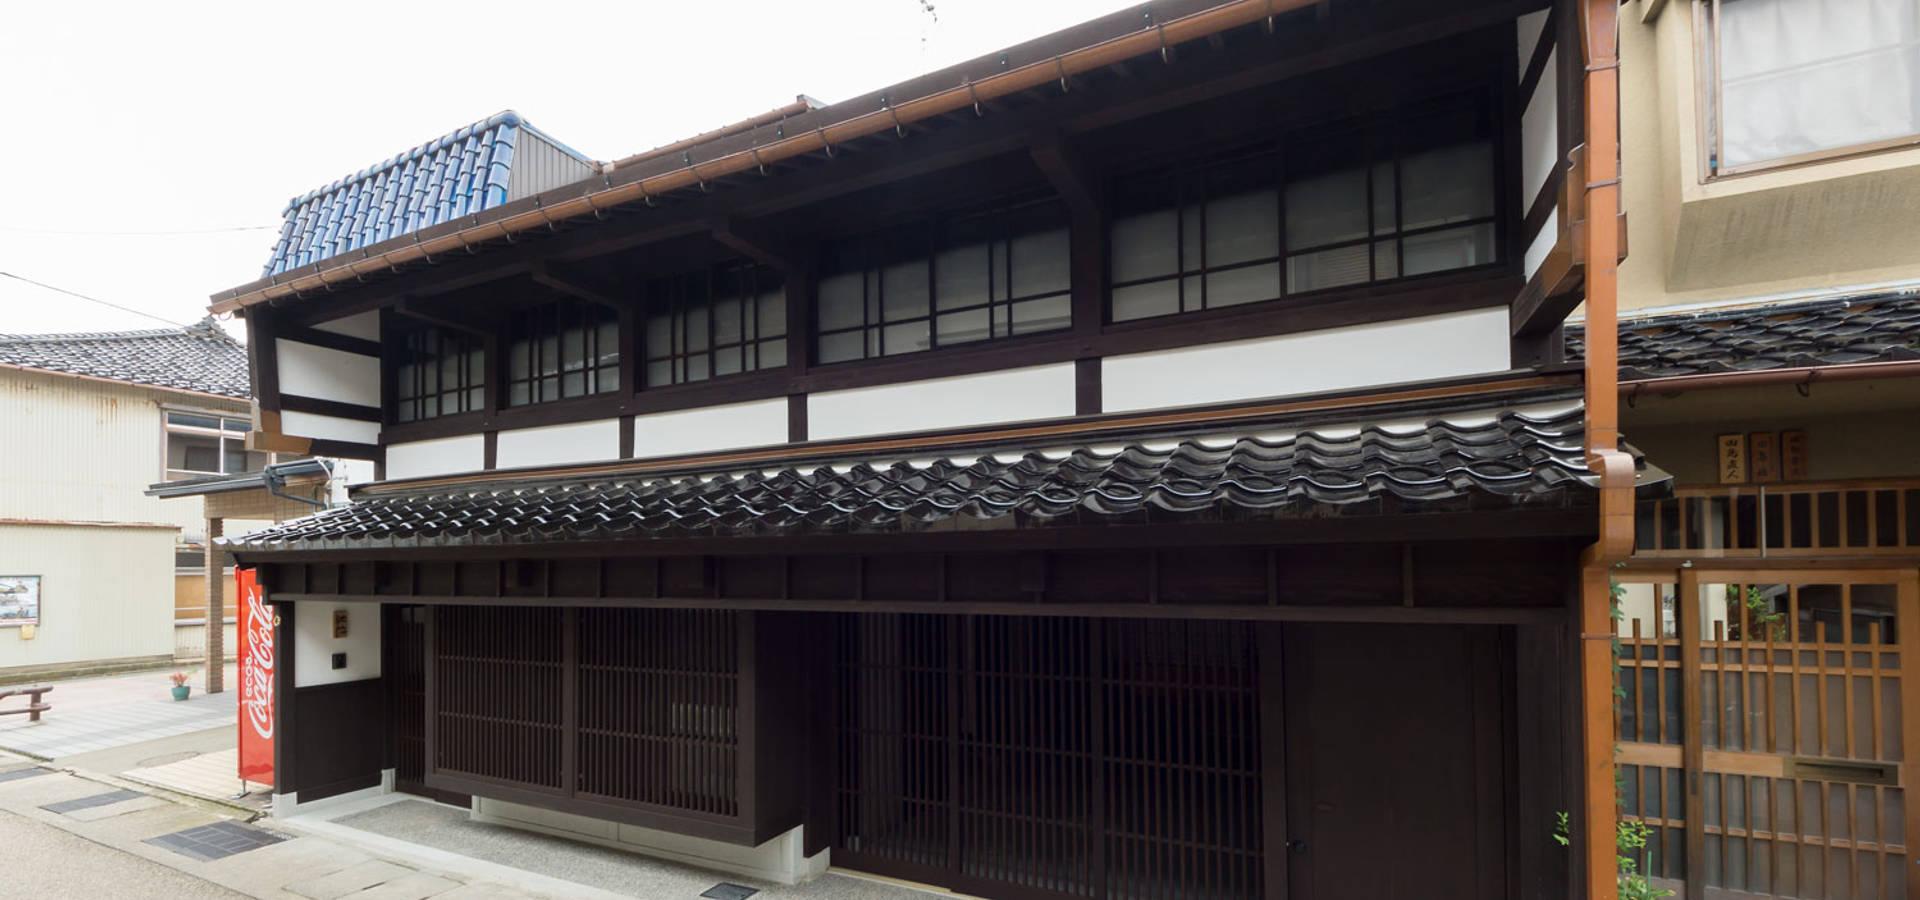 Hayashi Kenchiku-sekkeikoubo